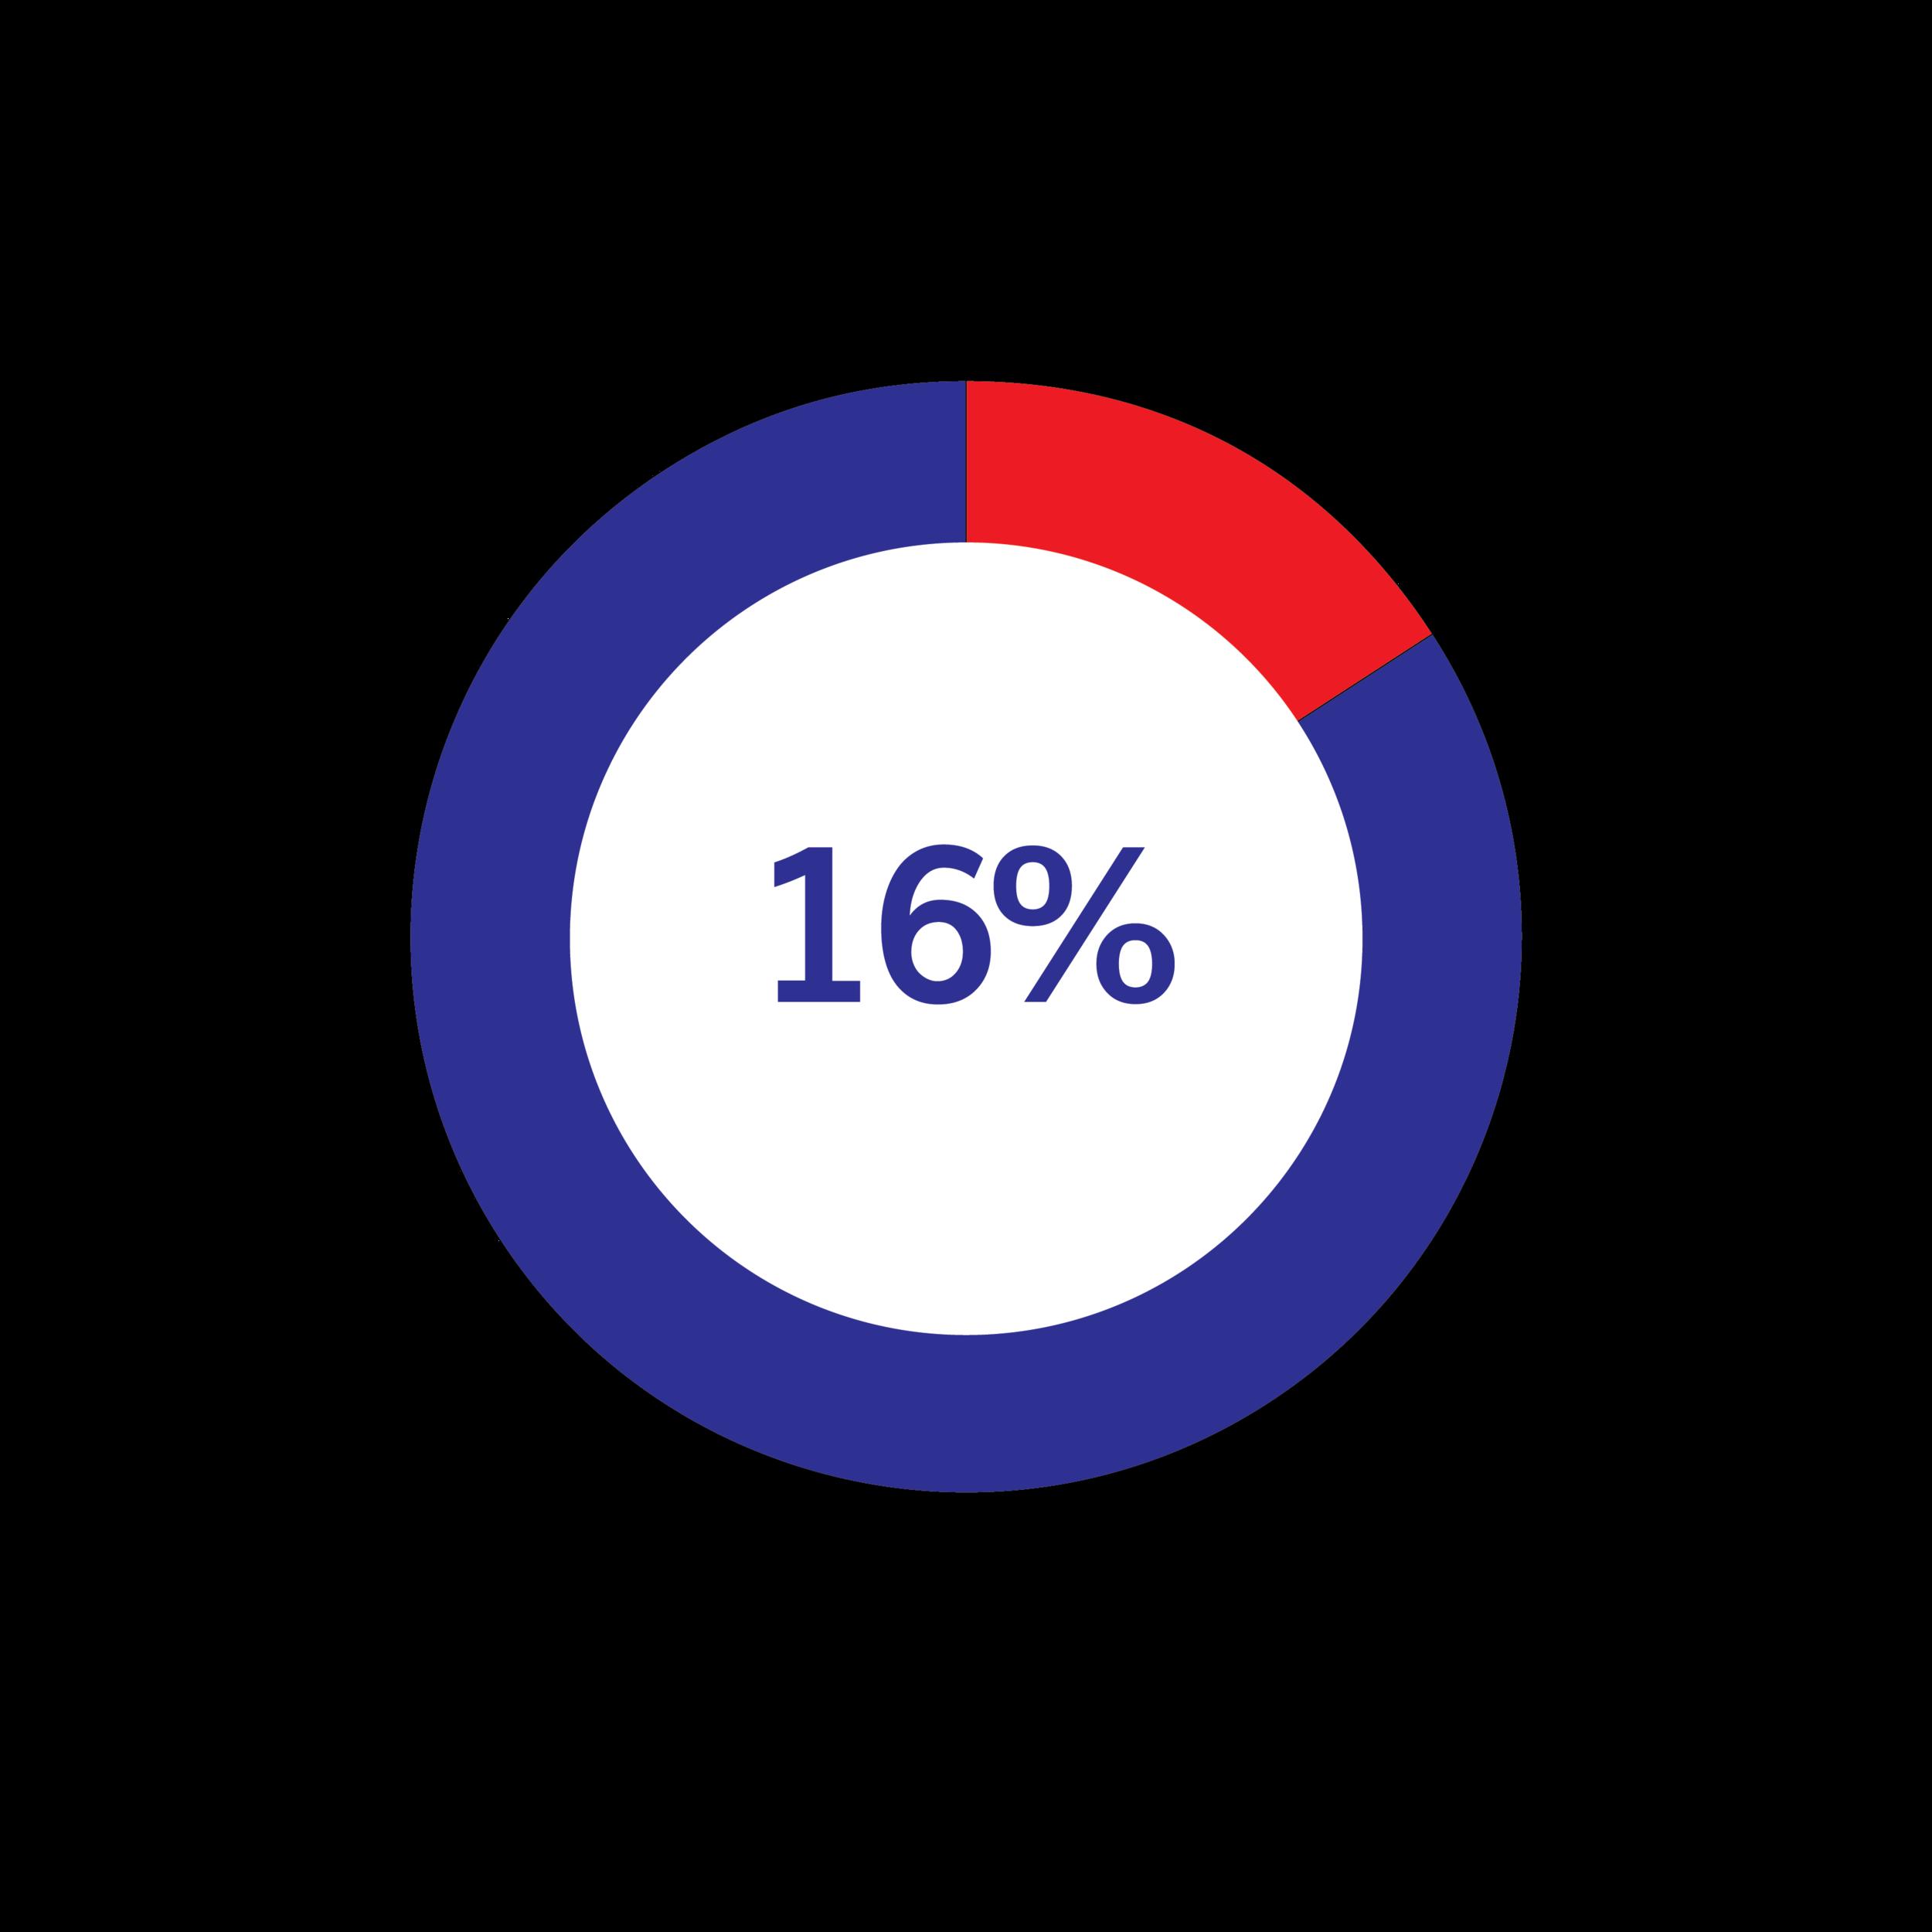 16 percent-02.png